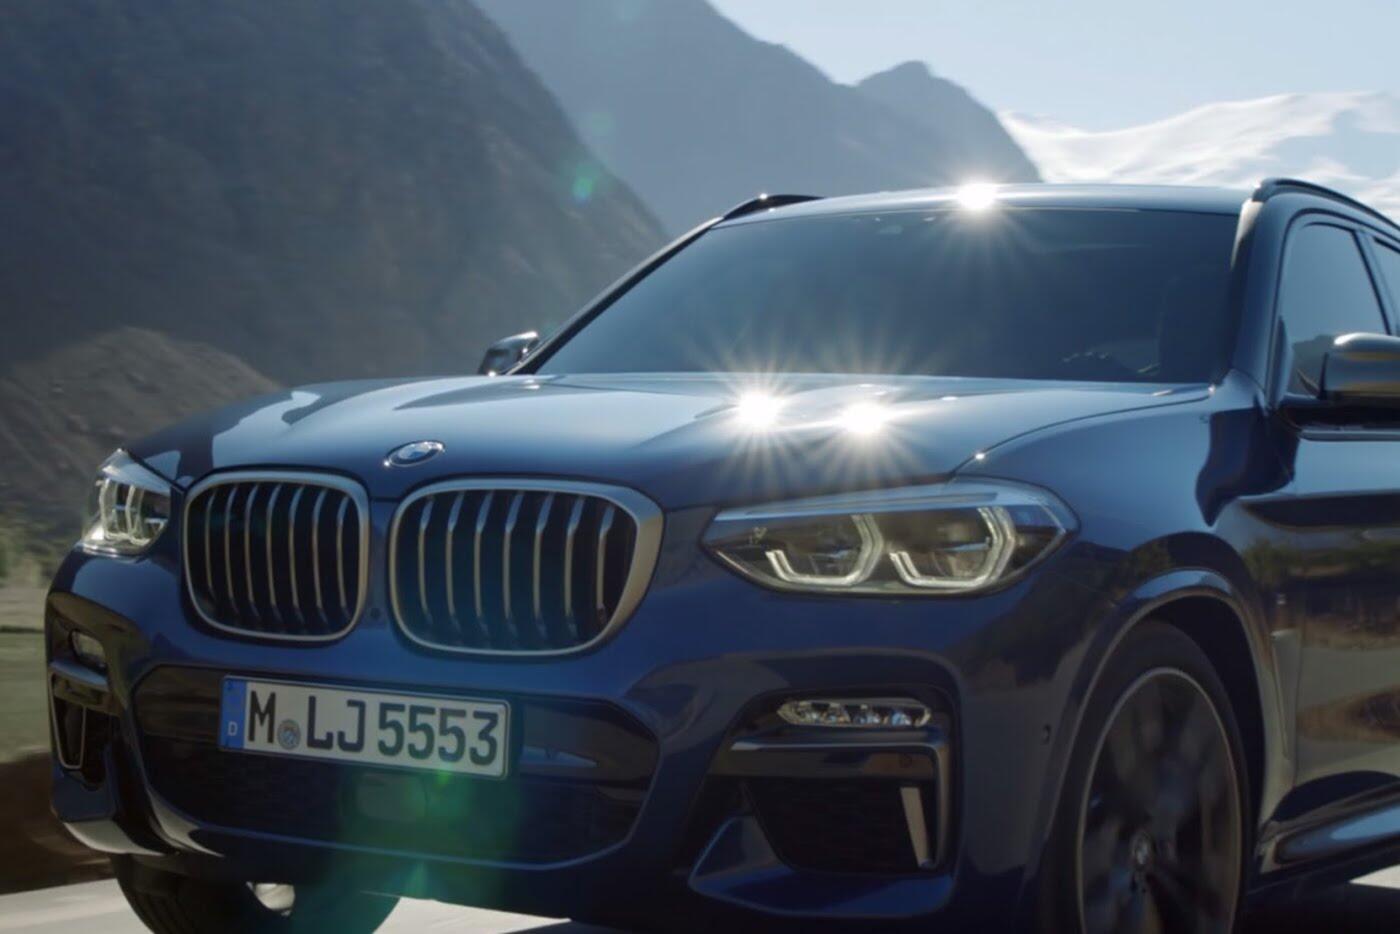 BMW X3 2018 hé lộ những hình ảnh chính thức đầu tiên - Hình 2